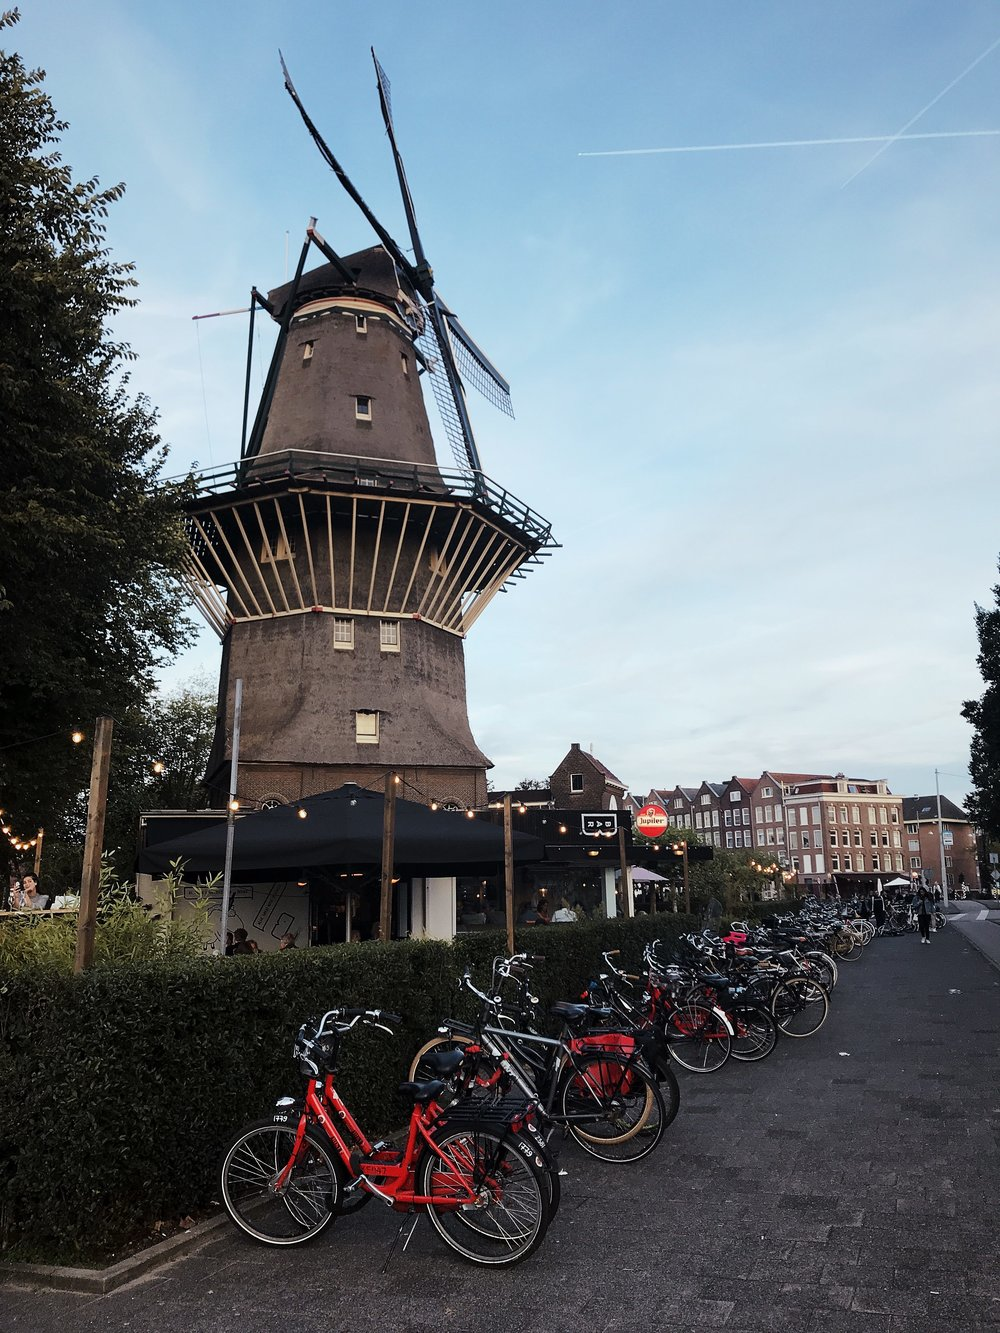 Windmill at Brouwerij 't IJ